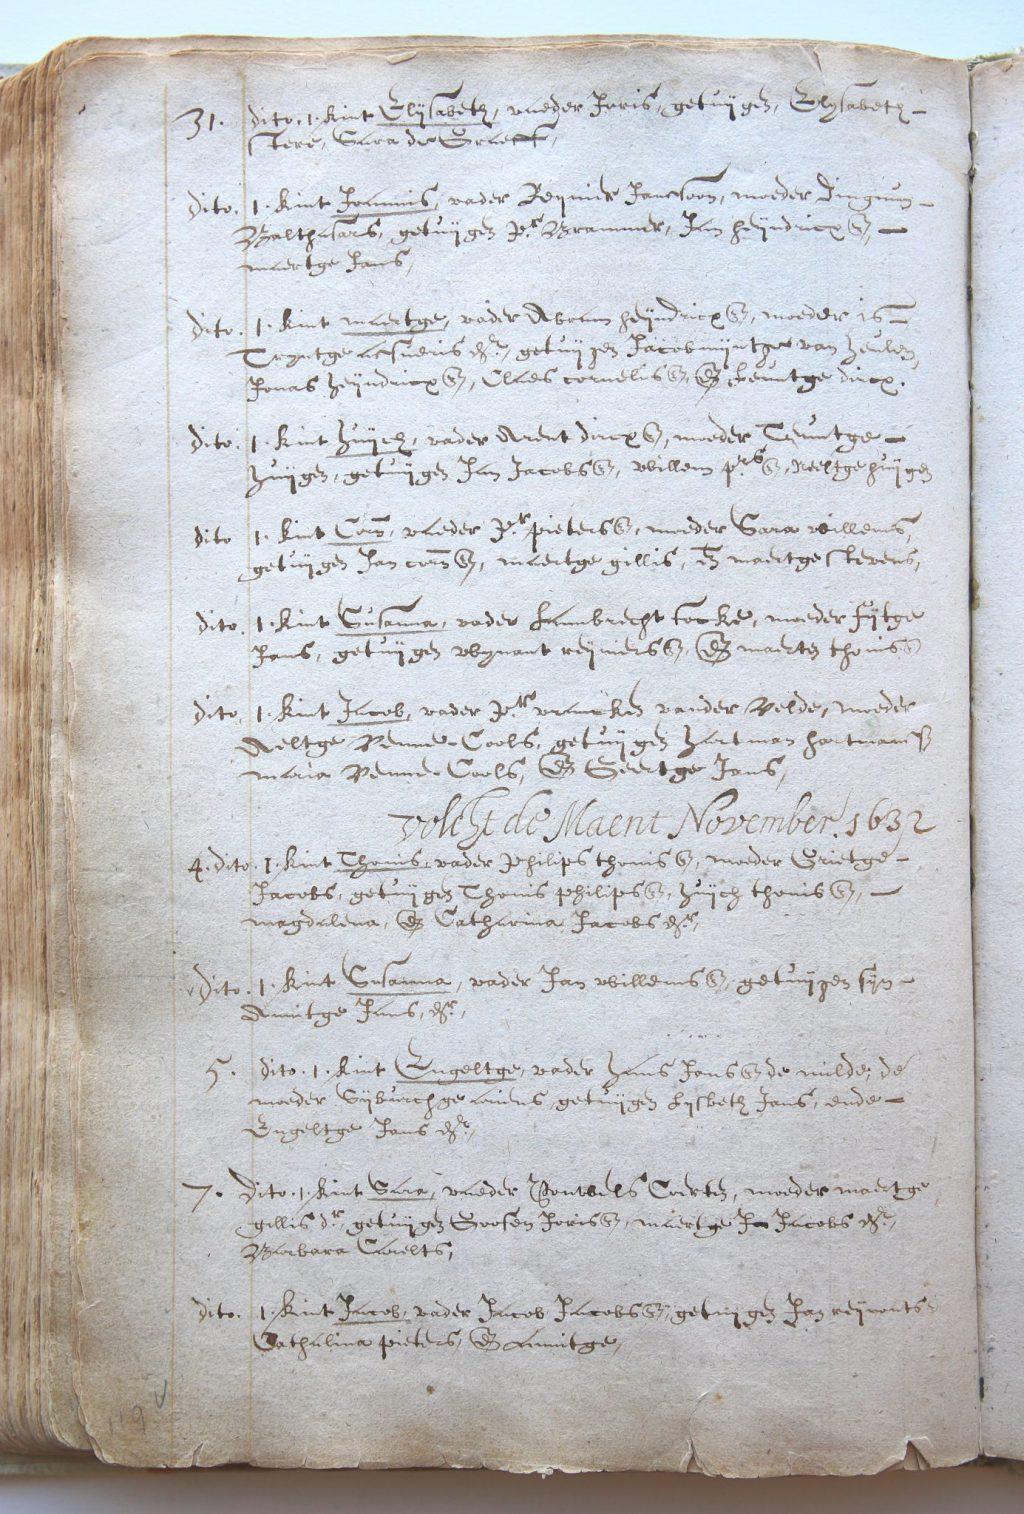 Bladzijde uit het doopboek van de Nieuwe Kerk met Johannes Vermeer en Antoni van Leeuwenhoek (Archief 14, inv.nr 55 f. 119v)